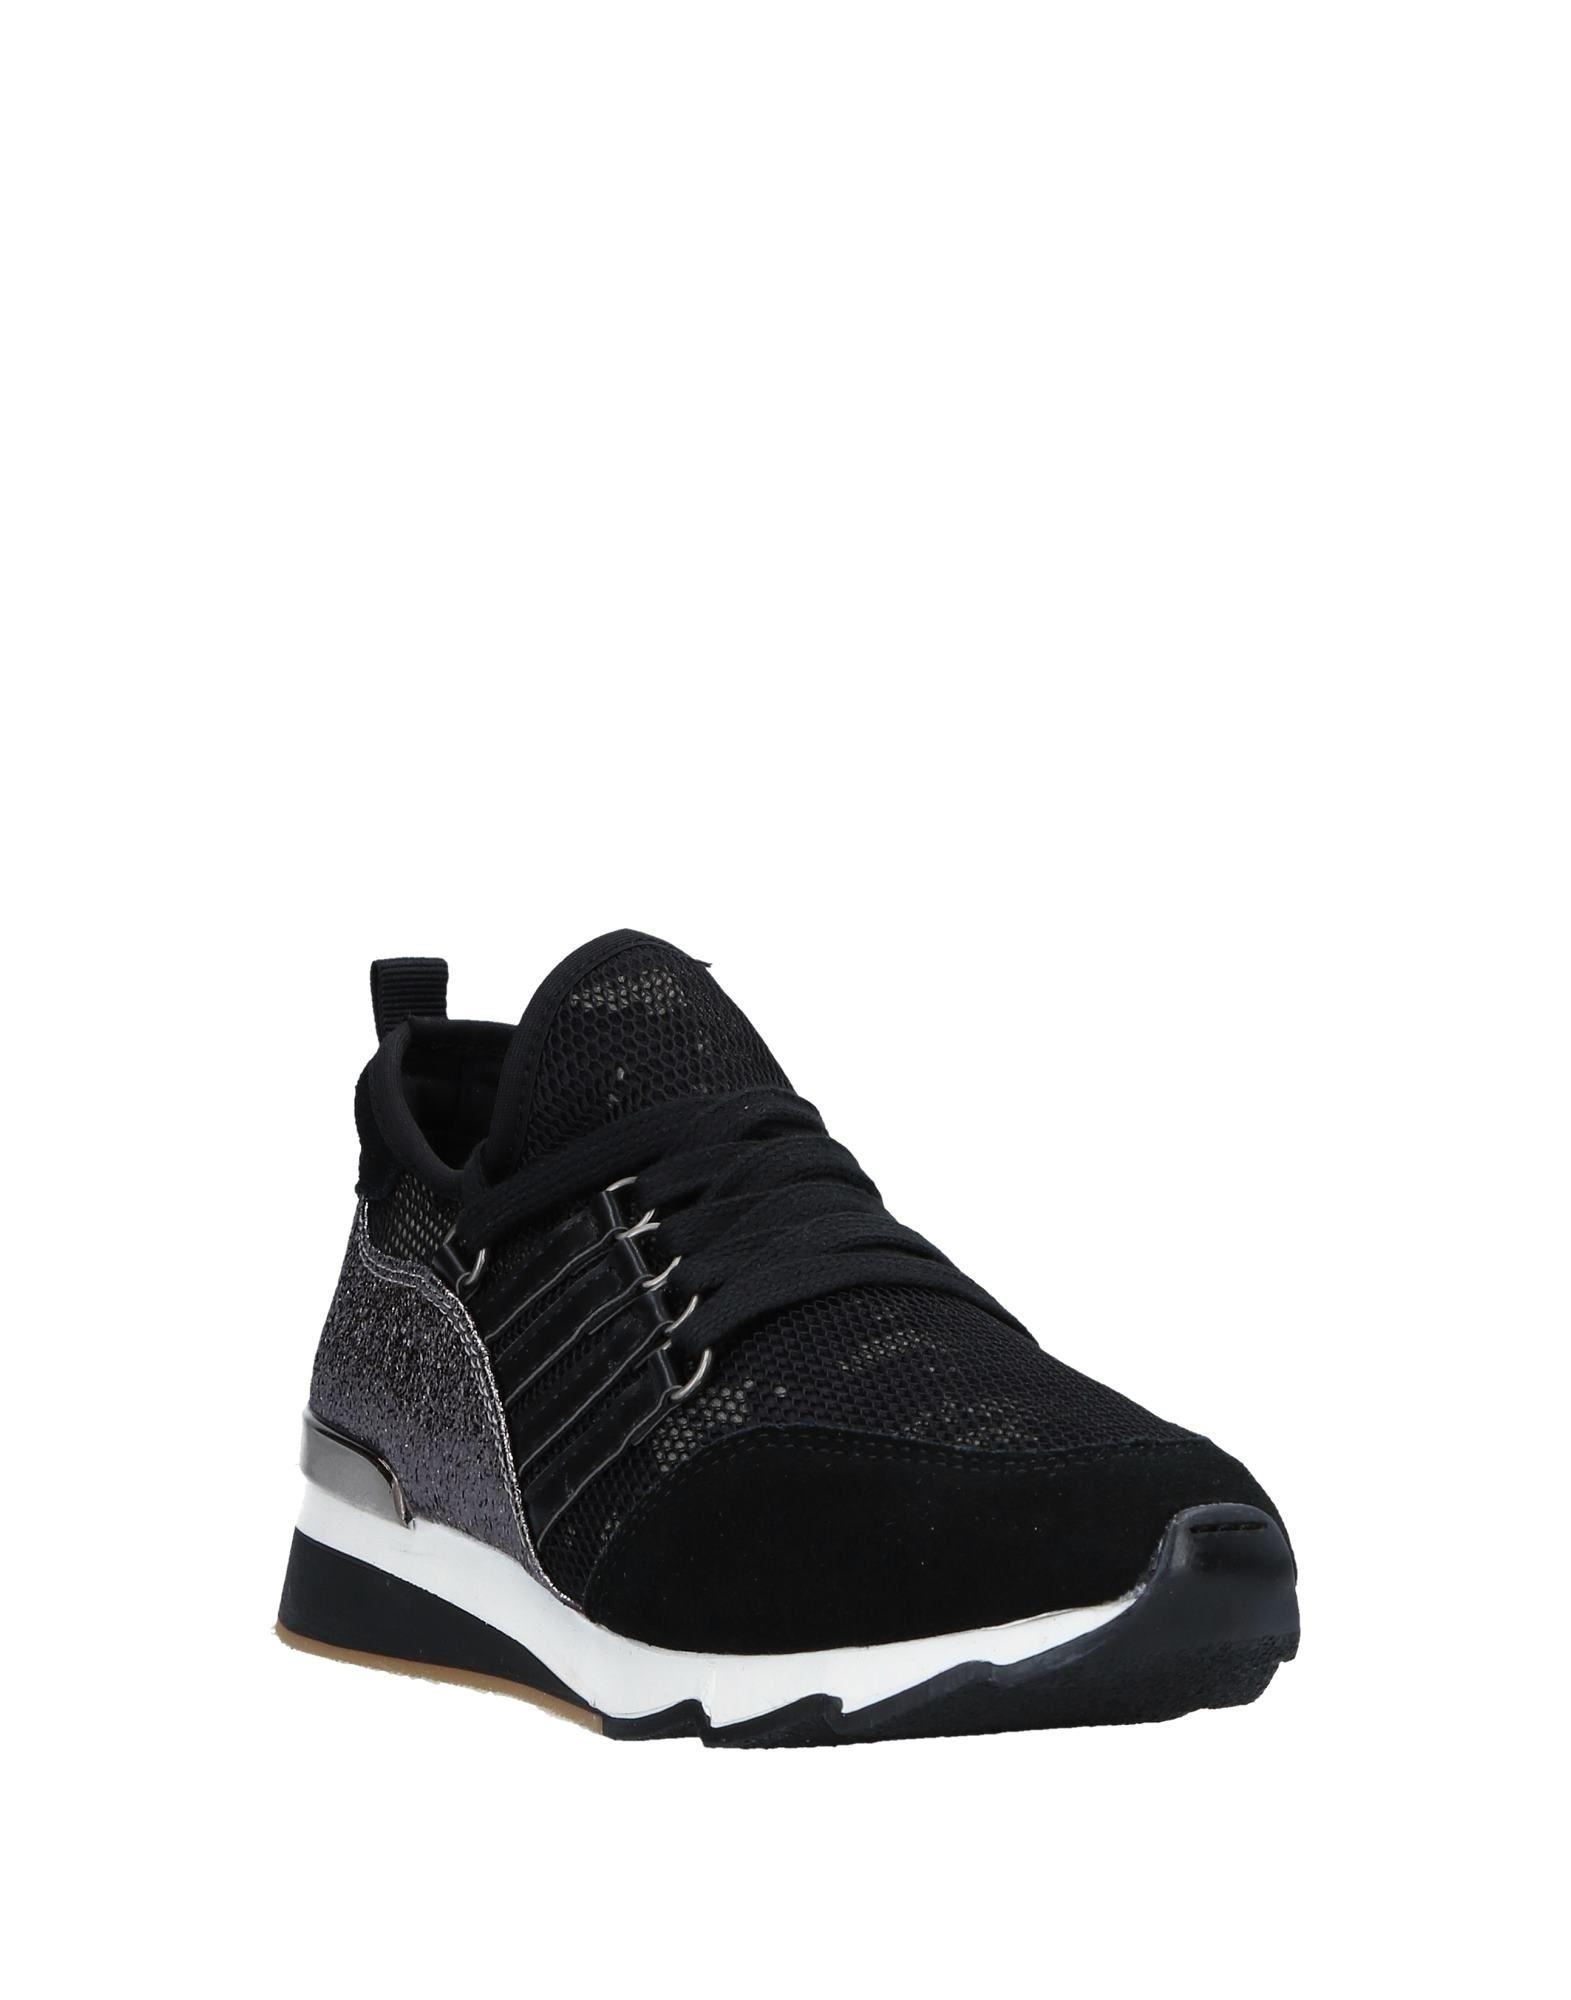 67 Sixtyseven Sneakers Damen  11541695RI Gute Qualität beliebte beliebte beliebte Schuhe e1f531